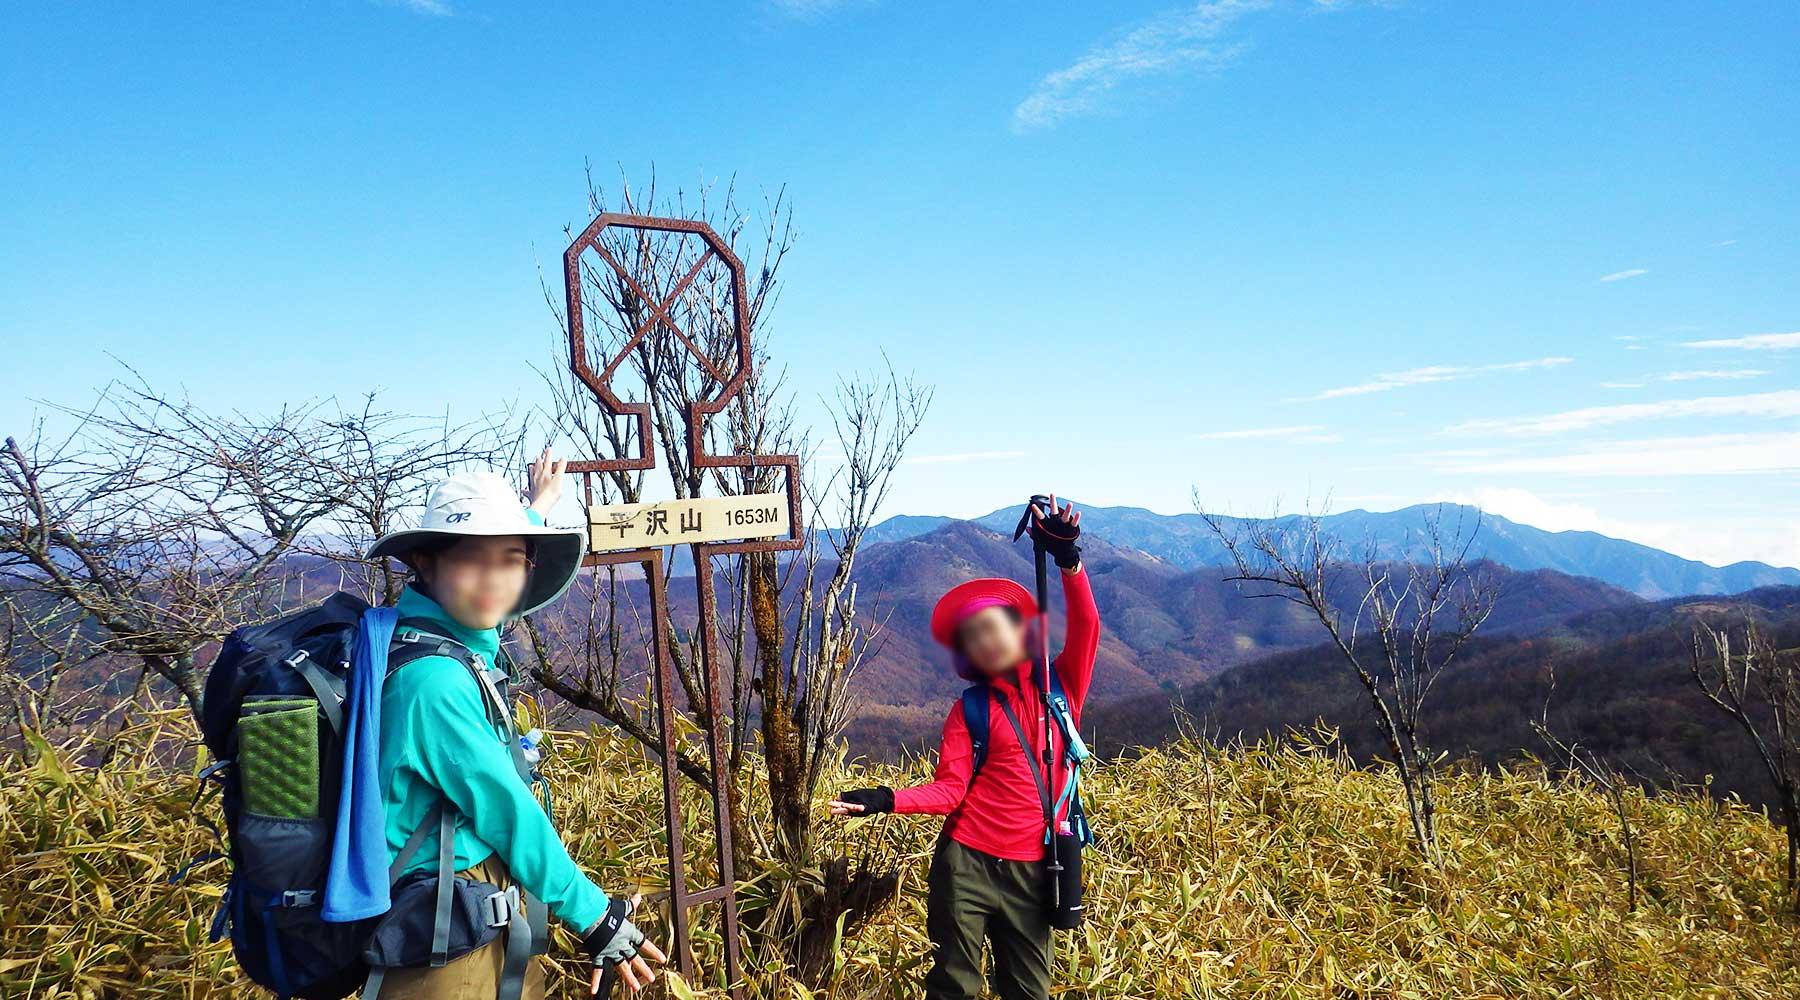 平沢山山頂(1653m)